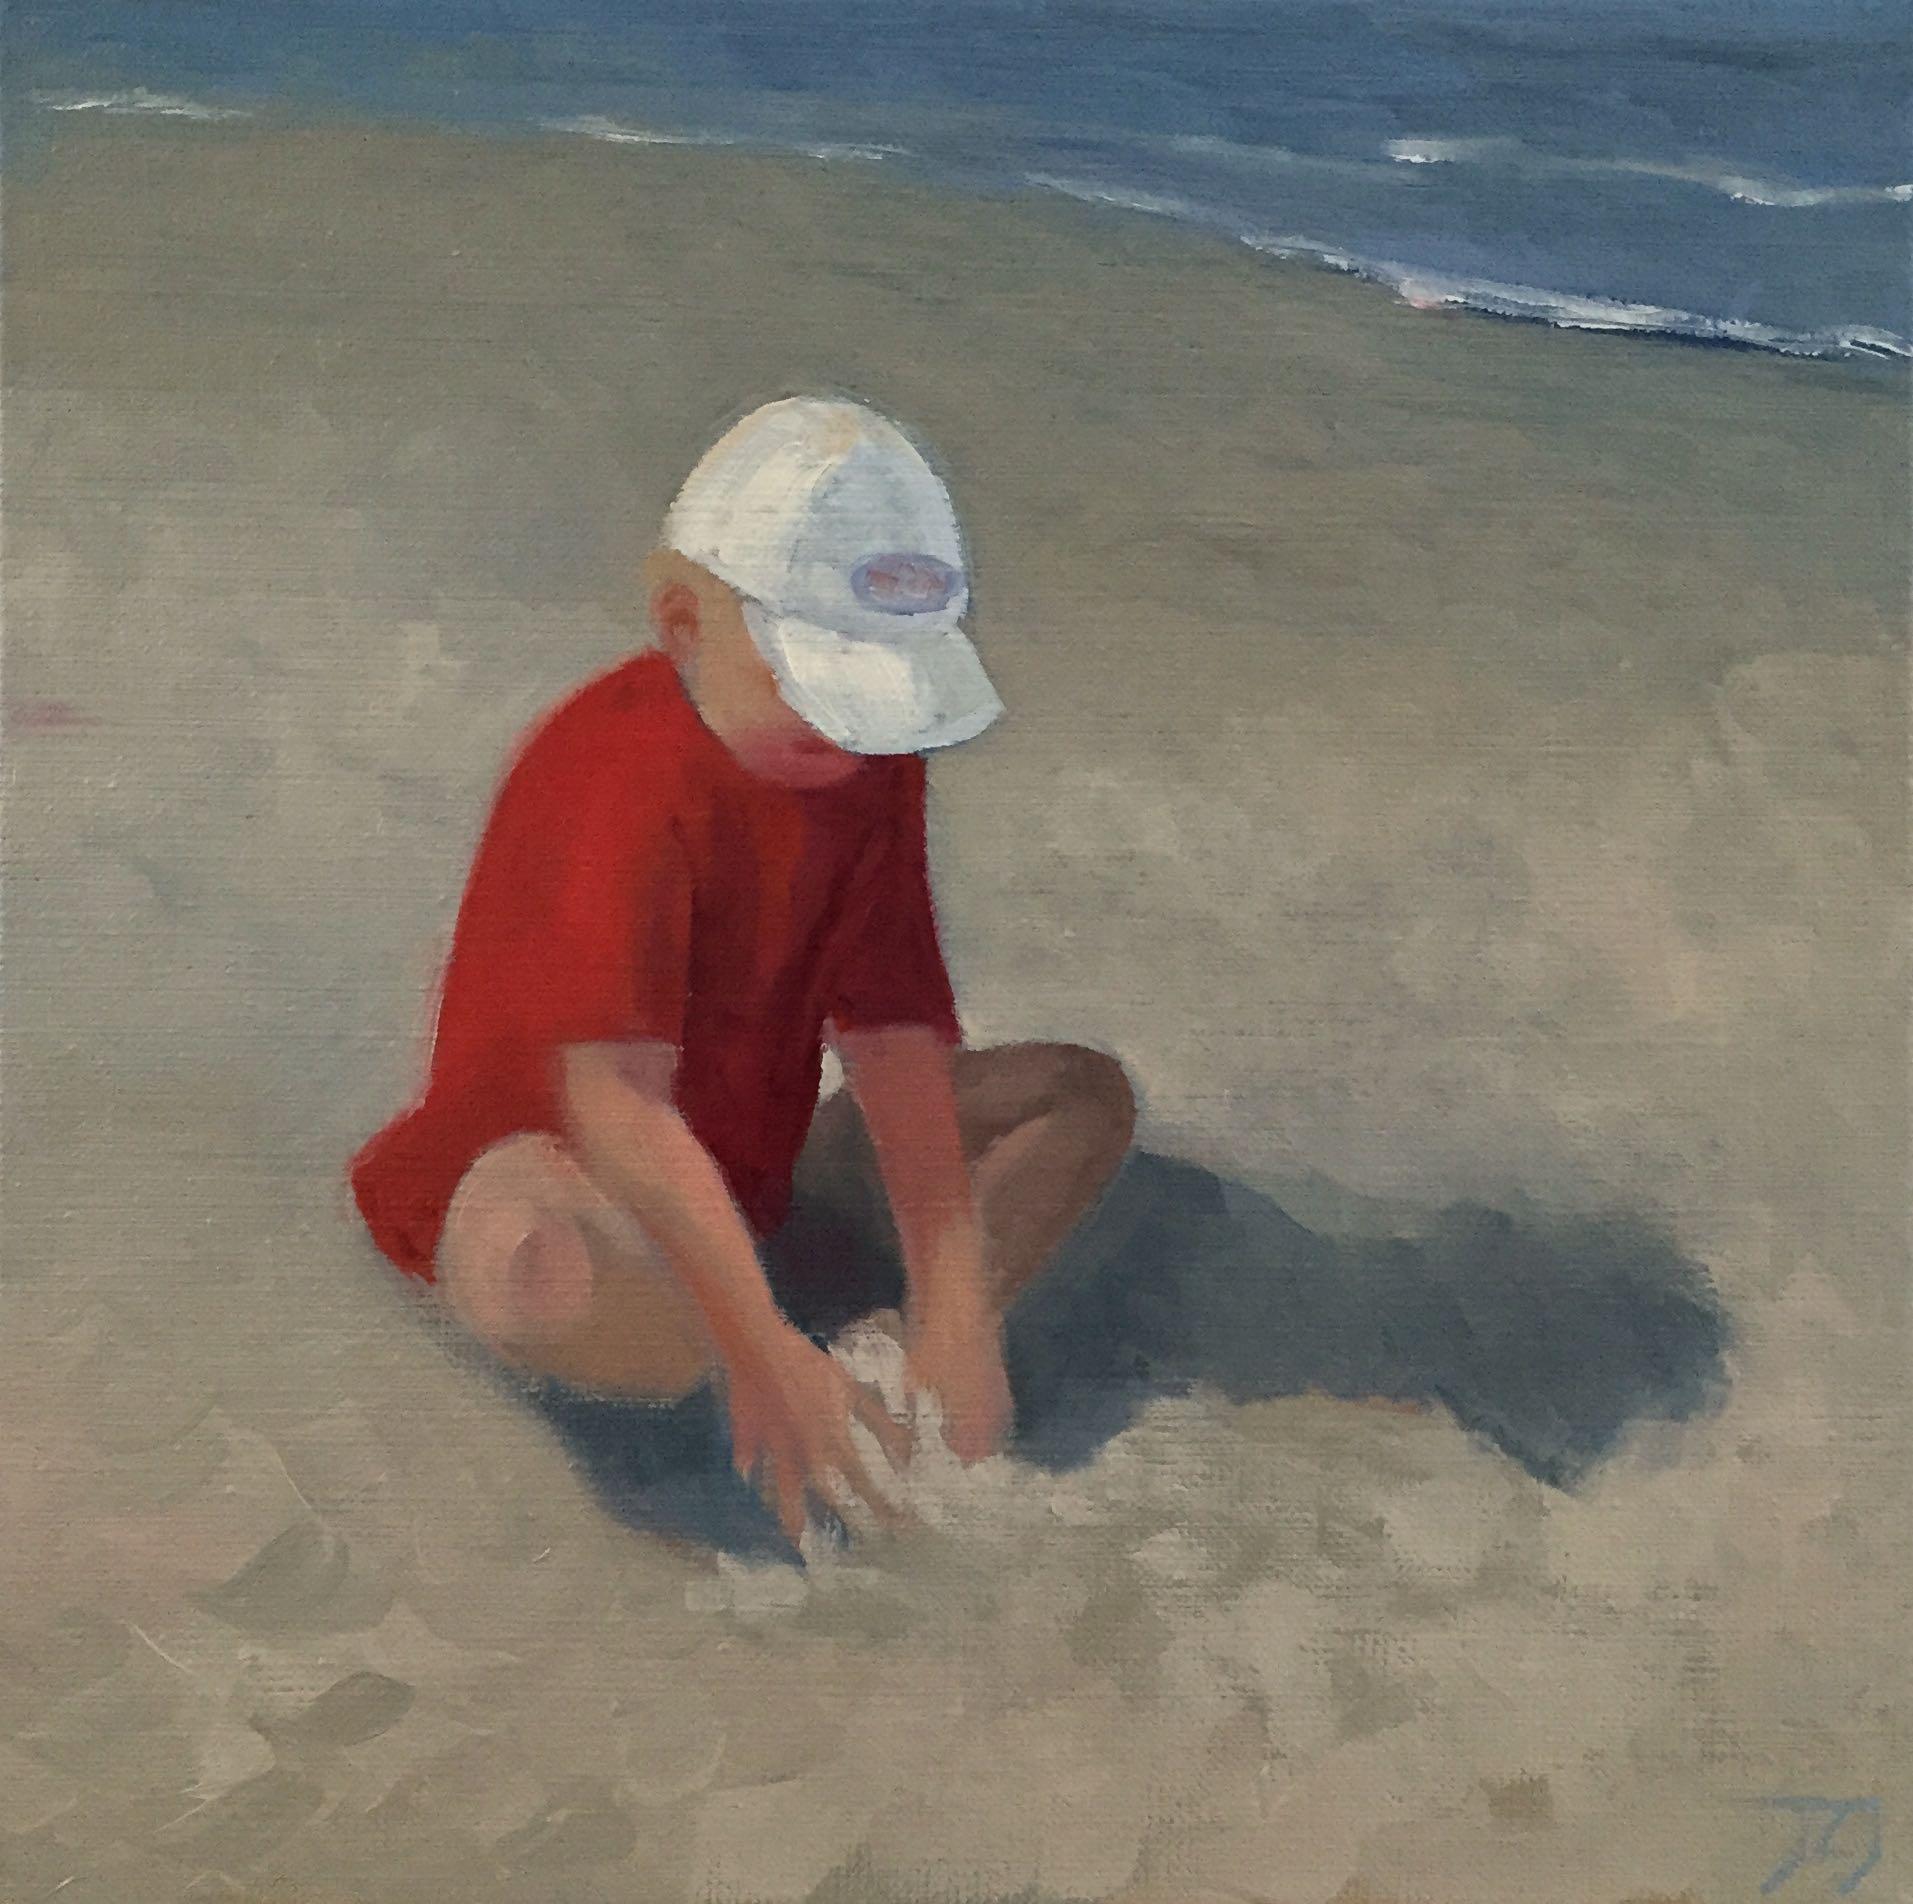 Zand, 30/30 cm, olieverf op doek